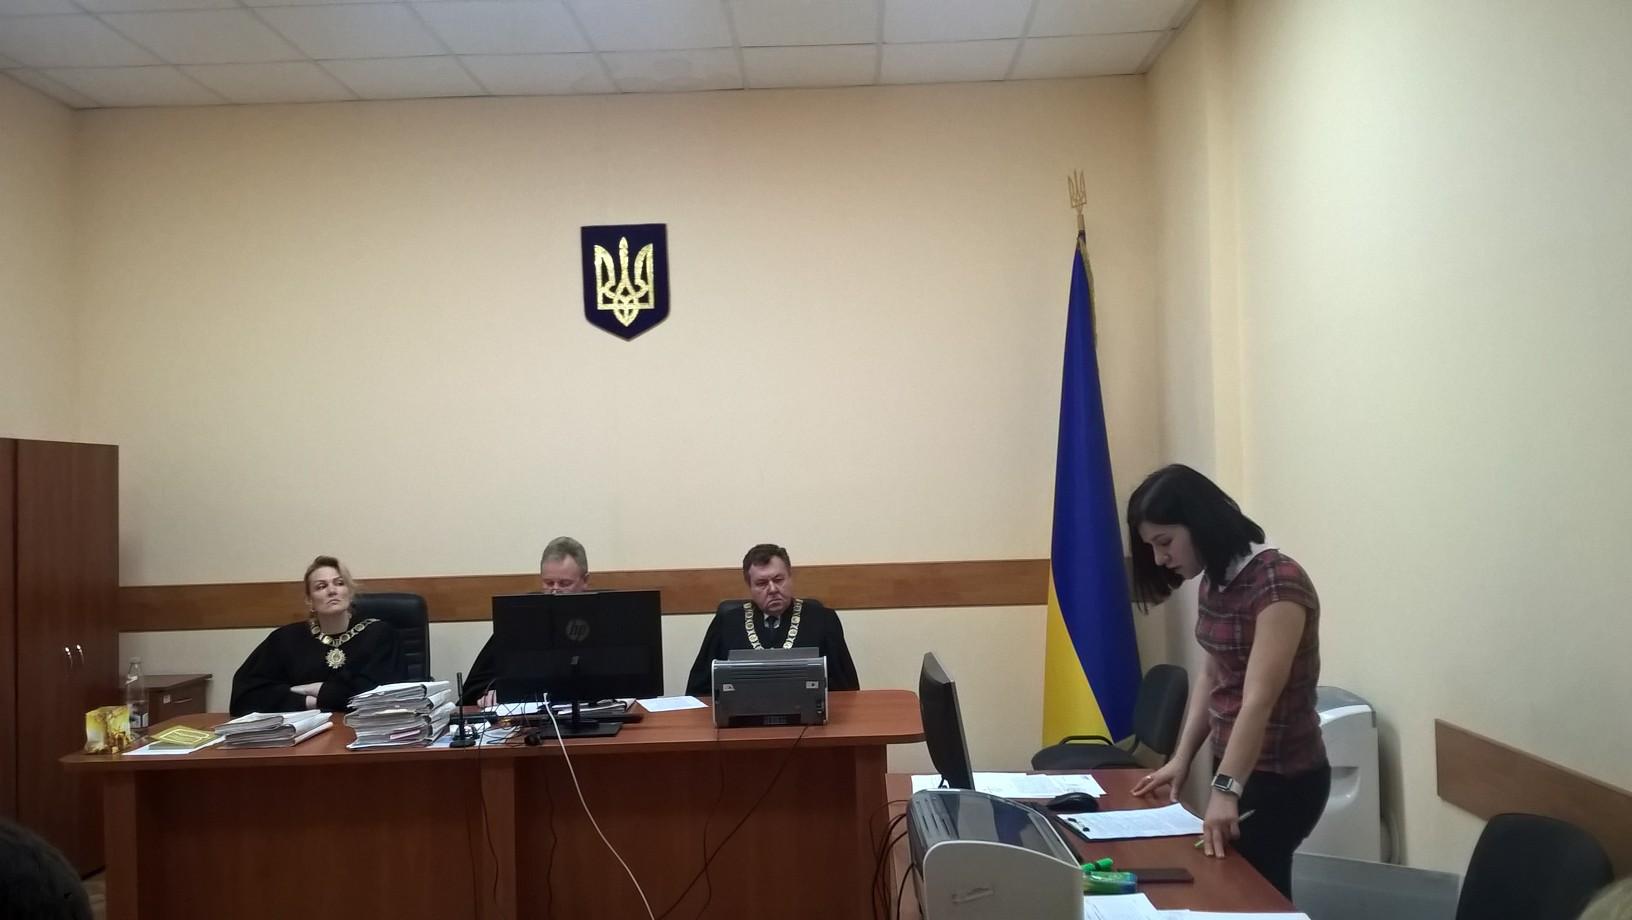 В Минюсте оправдывают халатность работы Антирейдерской комиссии в угоду рейдерам сельхозпредприятия на Черниговщине